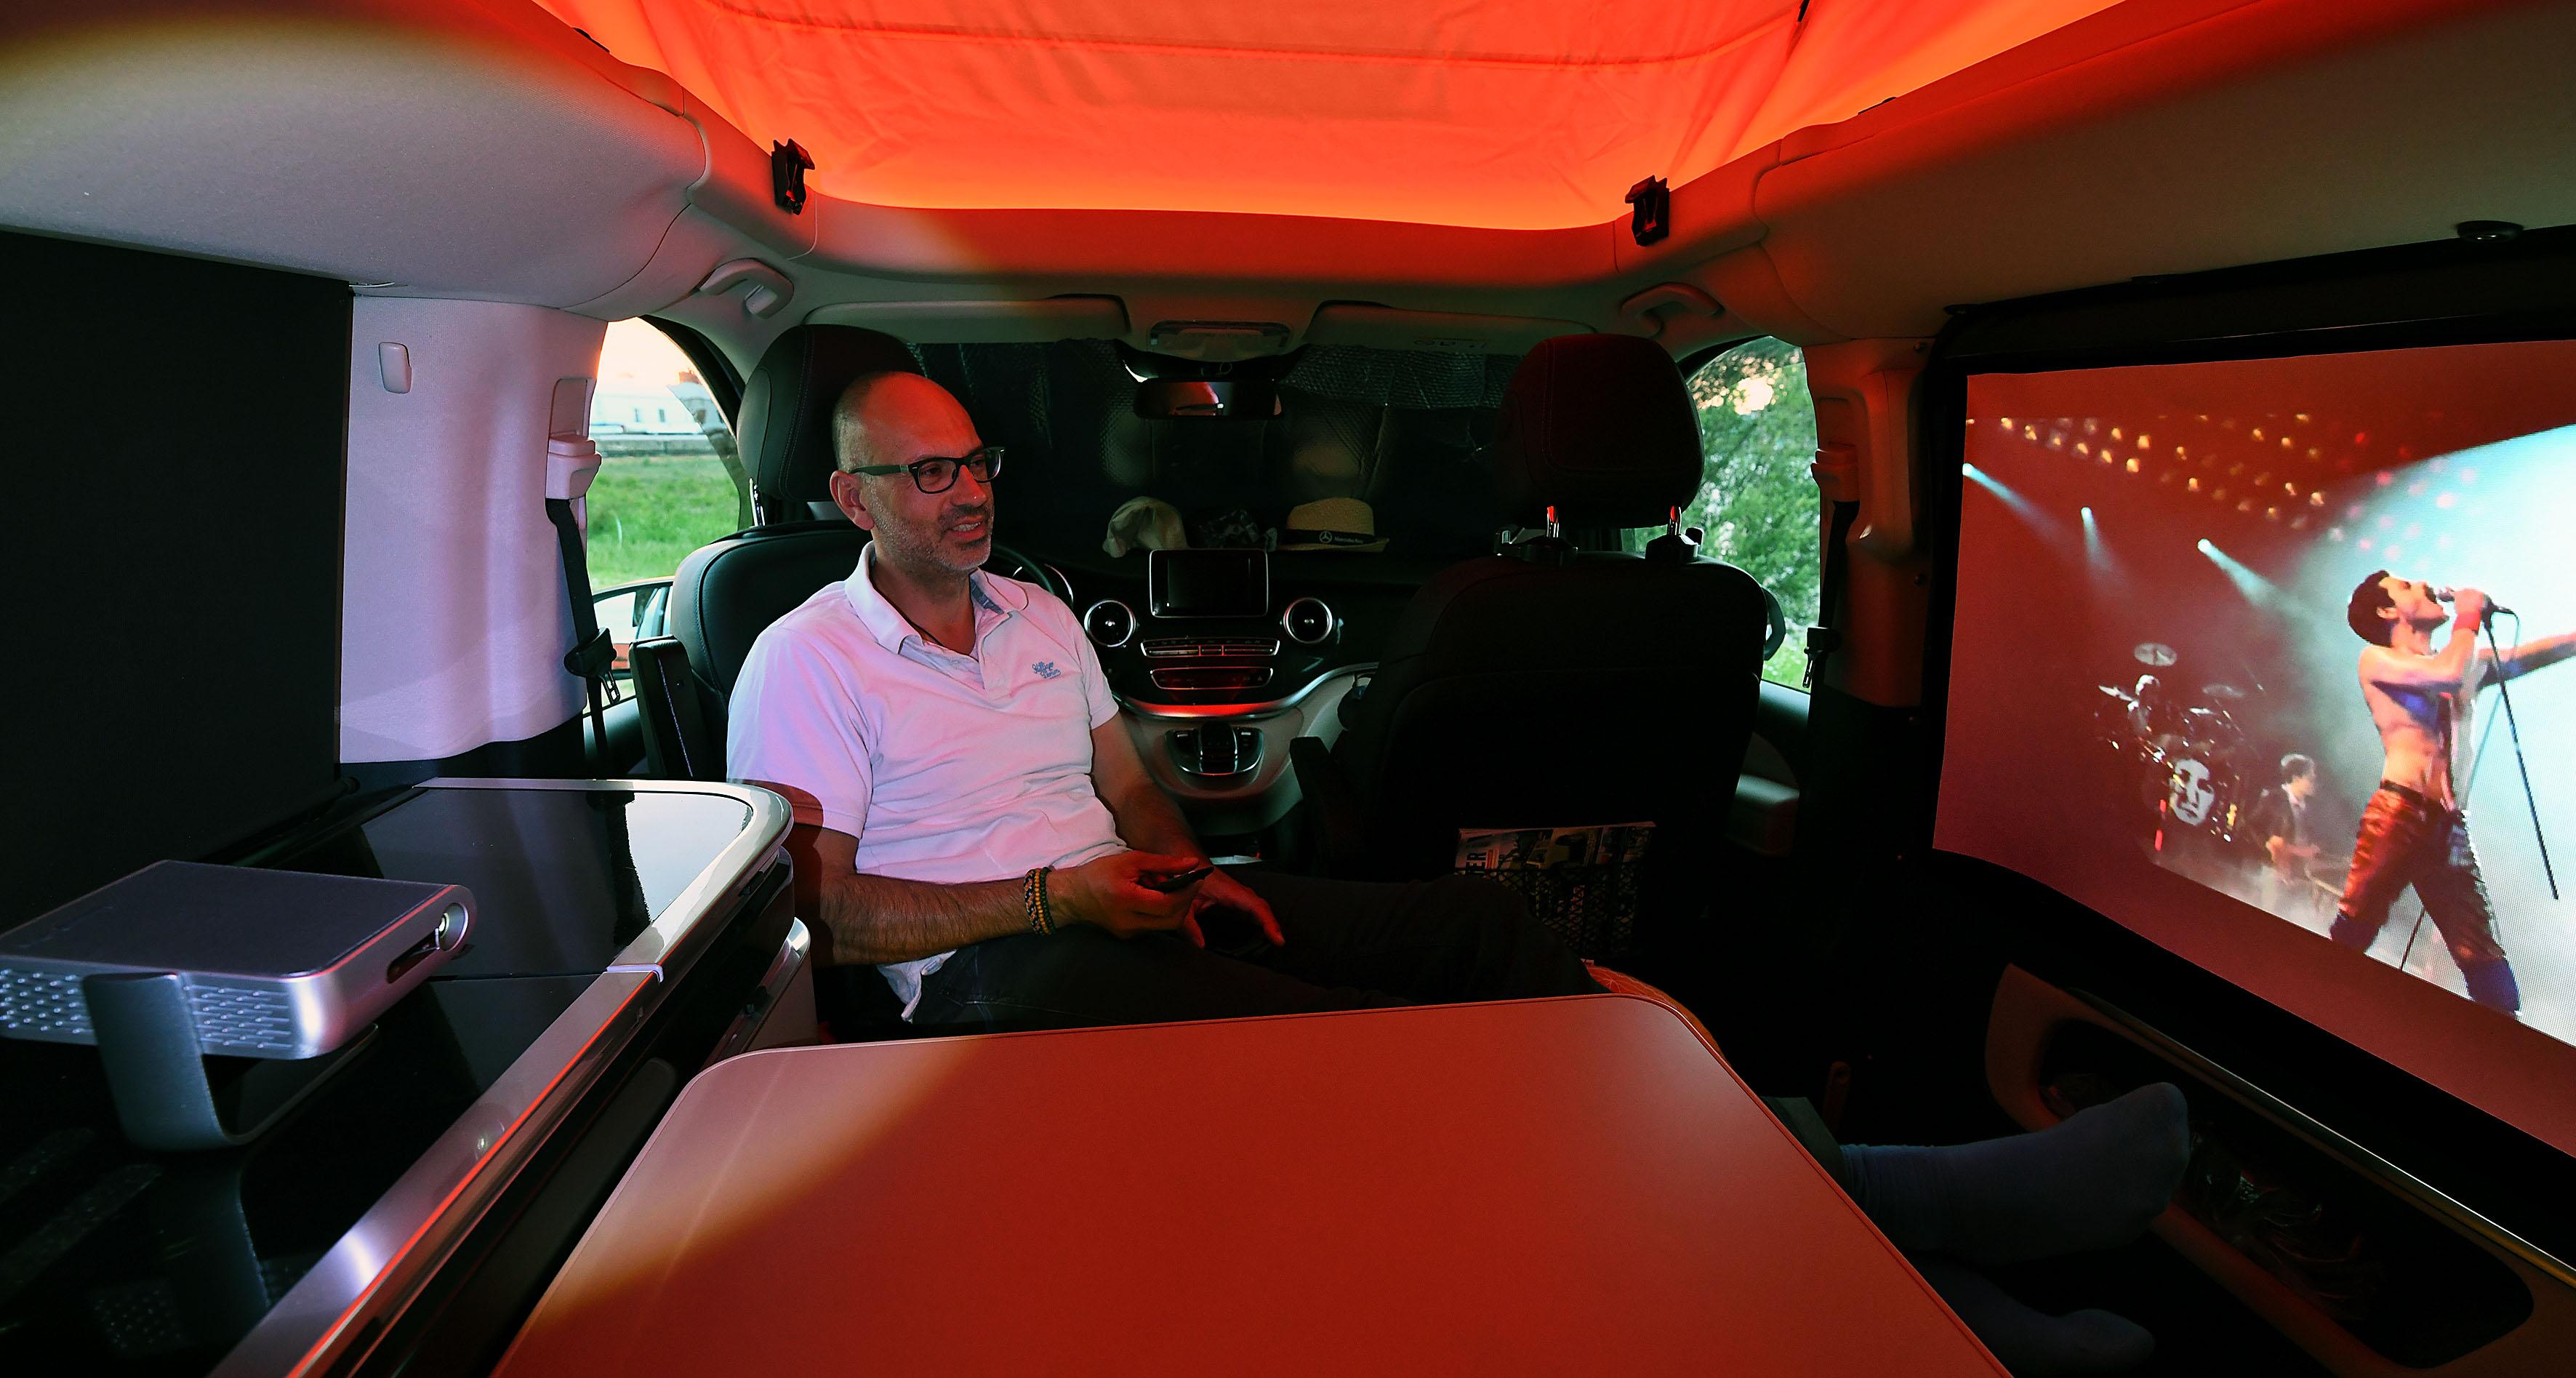 Foto: Michael B. Rehders Der Camper-Van ist nur rudimentär verdunkelt. Durch die Fahrer- und Beifahrertüren fällt noch etwa Tageslicht ein. Darüber hinaus sorgt die Ambient-Beleuchtung für eine schöne Lichtstimmung im Van. Eigentlich suboptimal für eine Projektion. Aber der ViewSonic M1+ gibt sich keine Blöße. Er ist hell genug auf der 100-cm-Leinwand und überstrahlt das Umgebungslicht weitgehend.